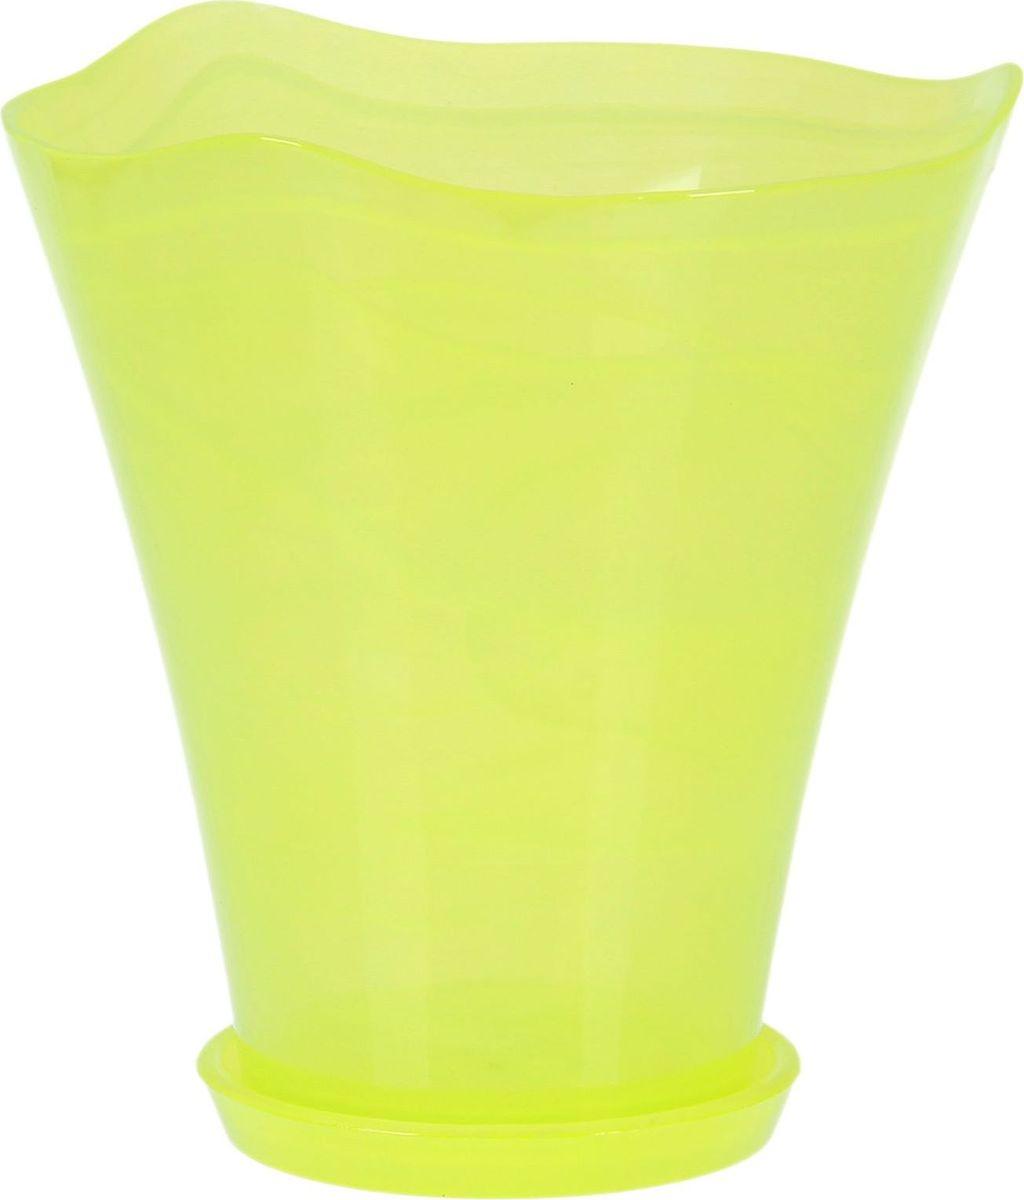 Кашпо NiNaGlass Кристина, с поддоном, цвет: салатовый, 19 х 19 х 20 см1428548Комнатные растения — всеобщие любимцы. Они радуют глаз, насыщают помещение кислородом и украшают пространство. Каждому цветку необходим свой удобный и красивый дом. Из-за прозрачности стекла такие декоративные вазы для горшков пользуются большой популярностью для выращивания орхидей. #name# позаботится о зелёном питомце, освежит интерьер и подчеркнёт его стиль!